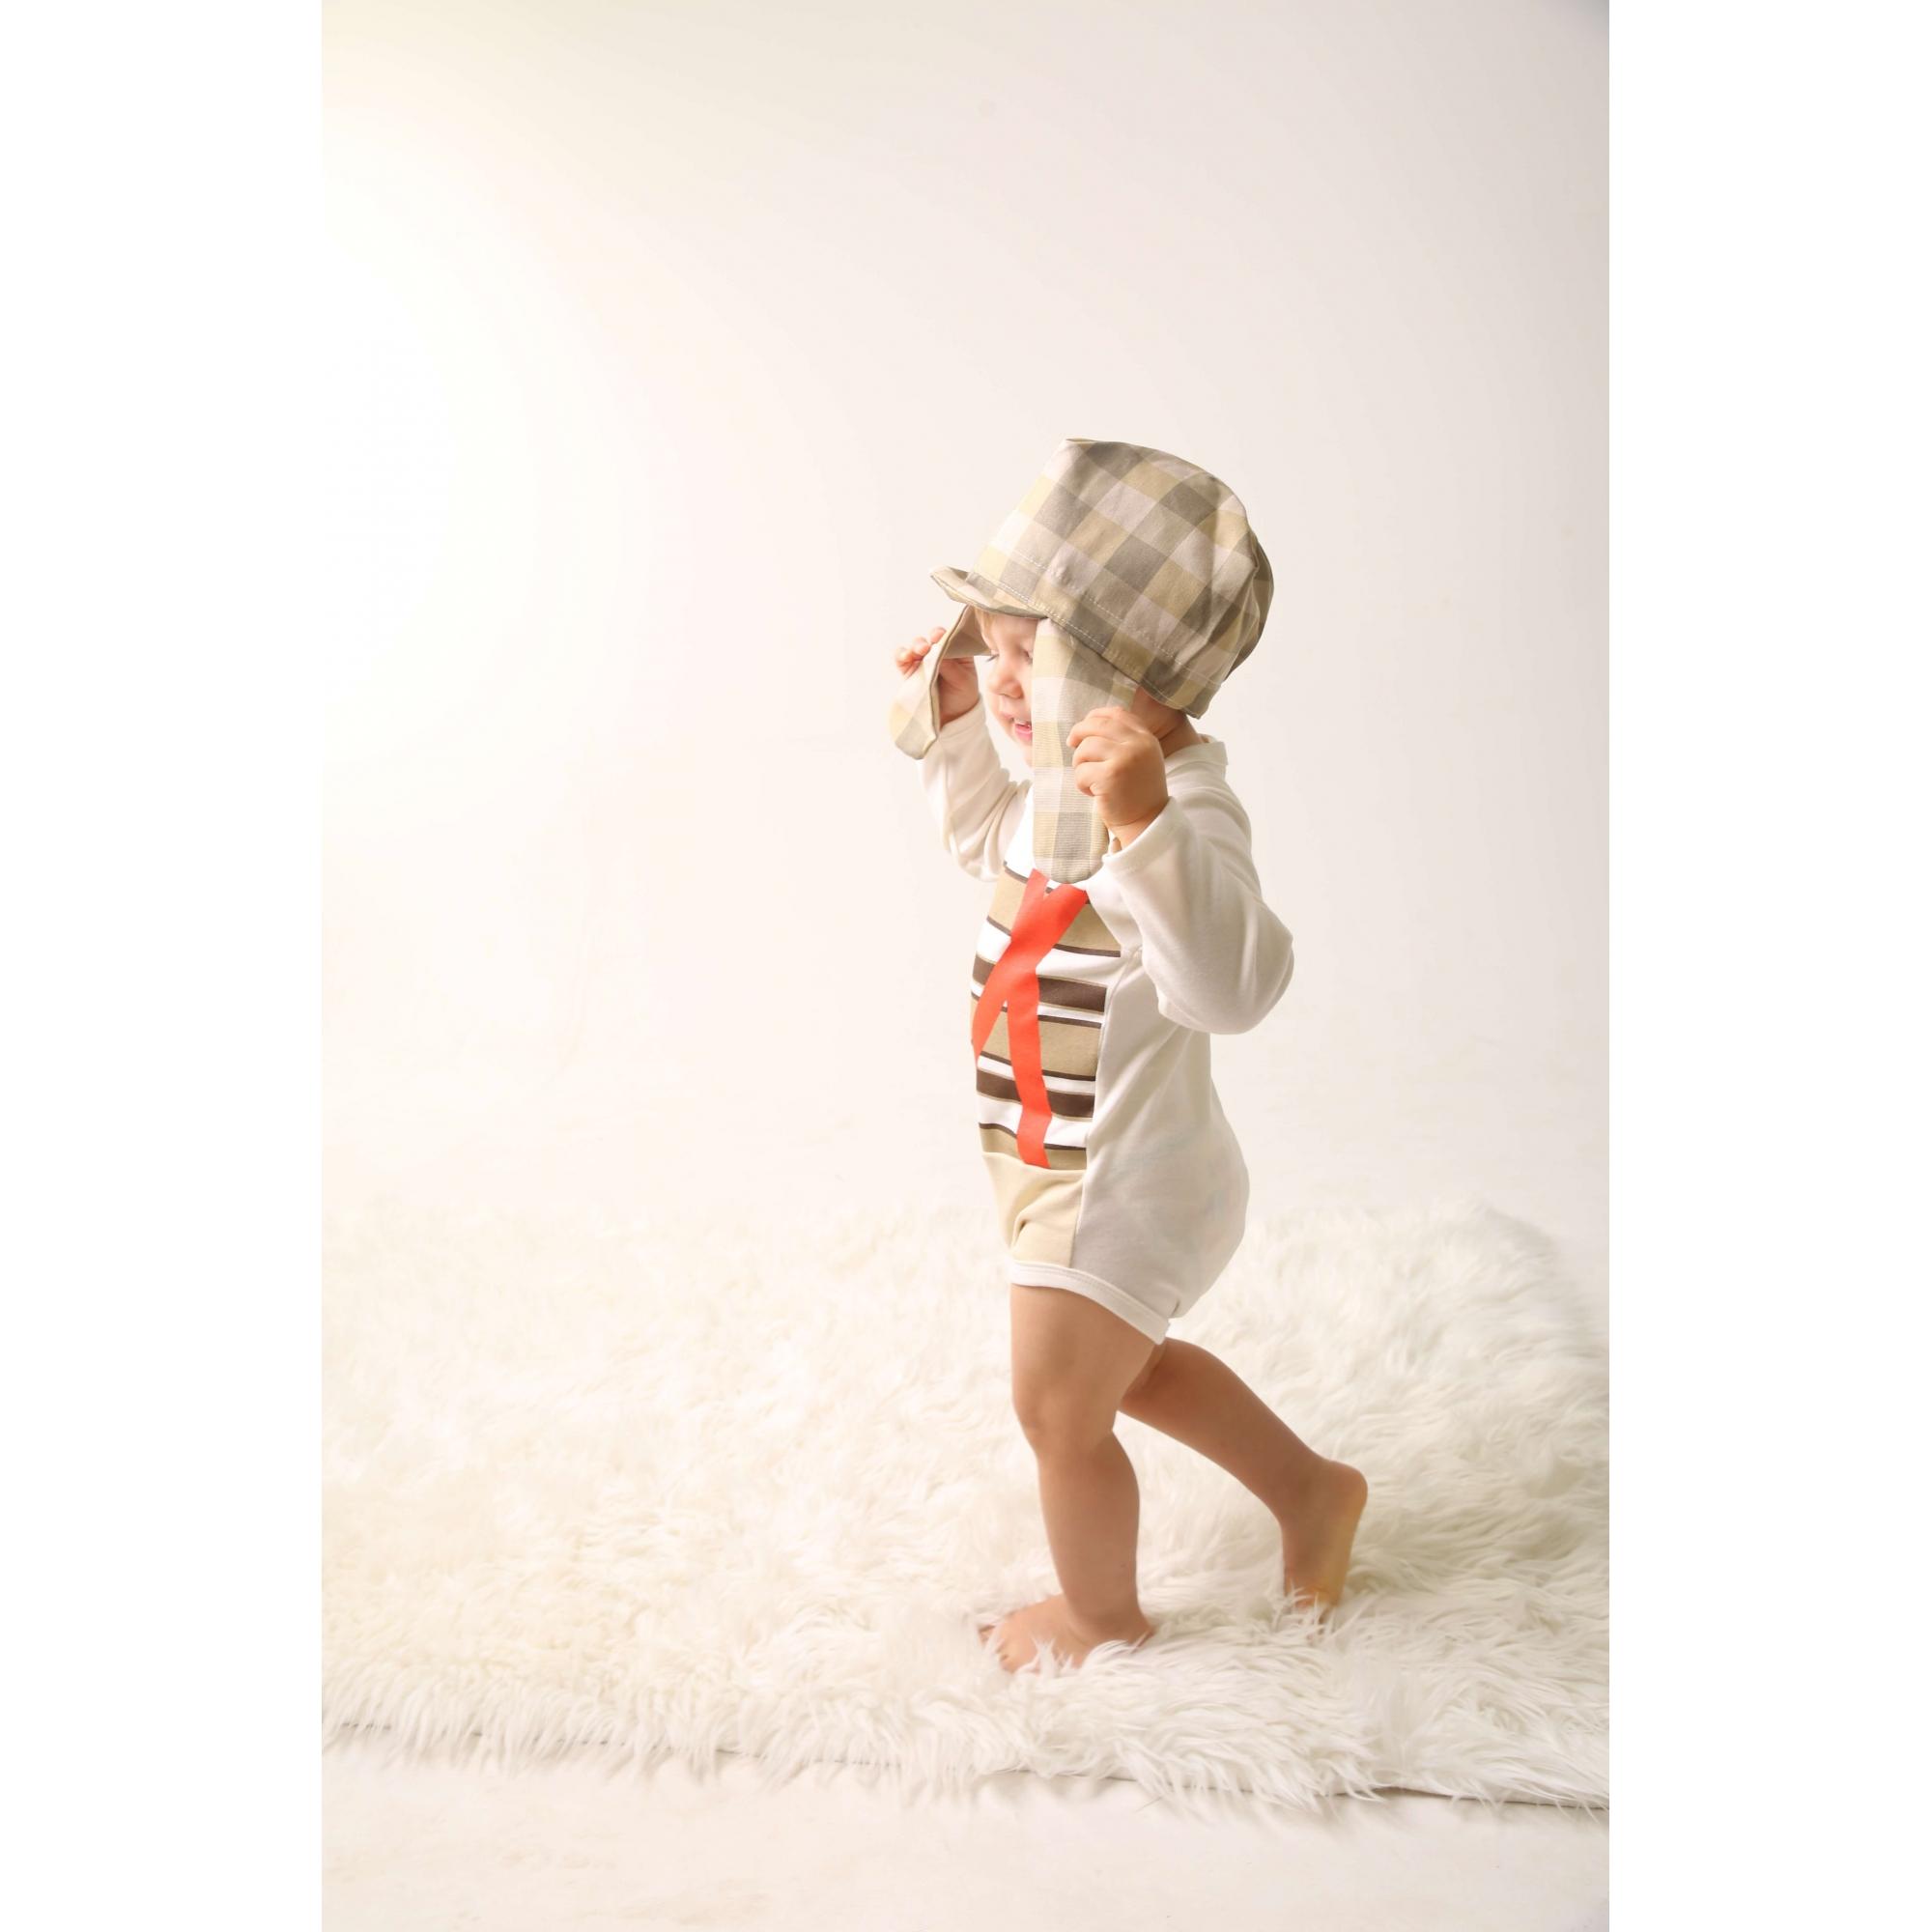 Body Bebê Infantil personagem fantasia mesversario Chaves com touca